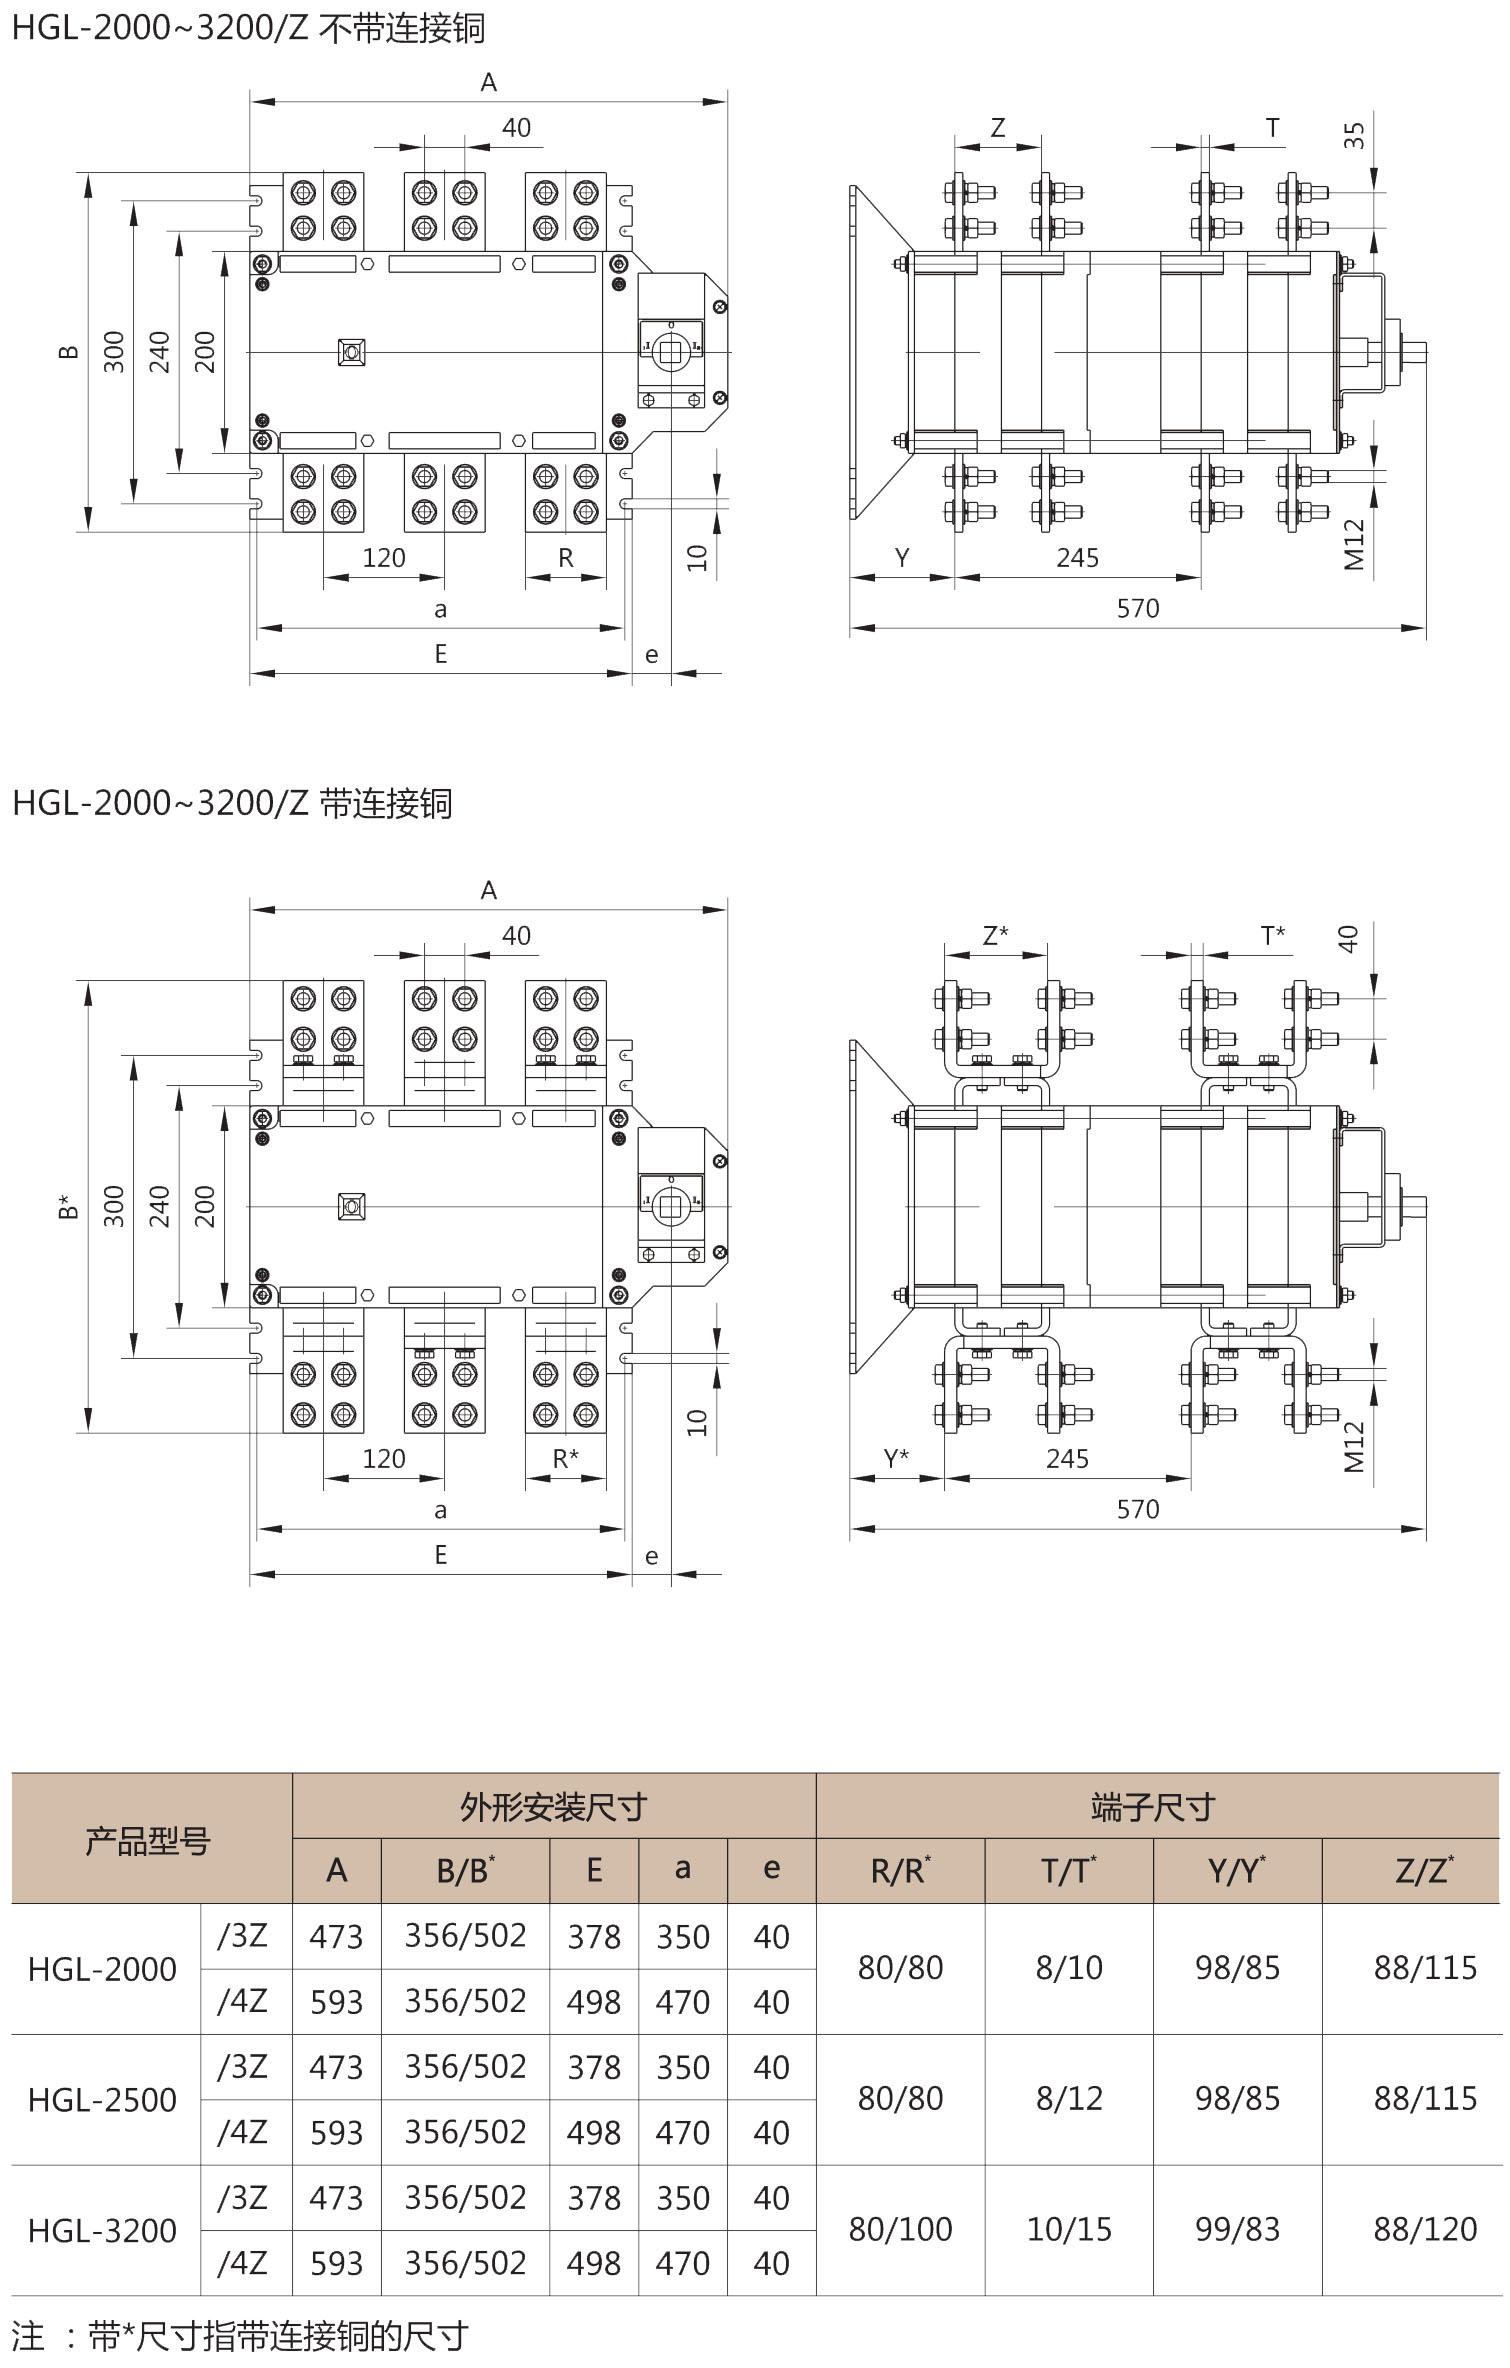 HGL-2000-3200/Z外形安装尺寸